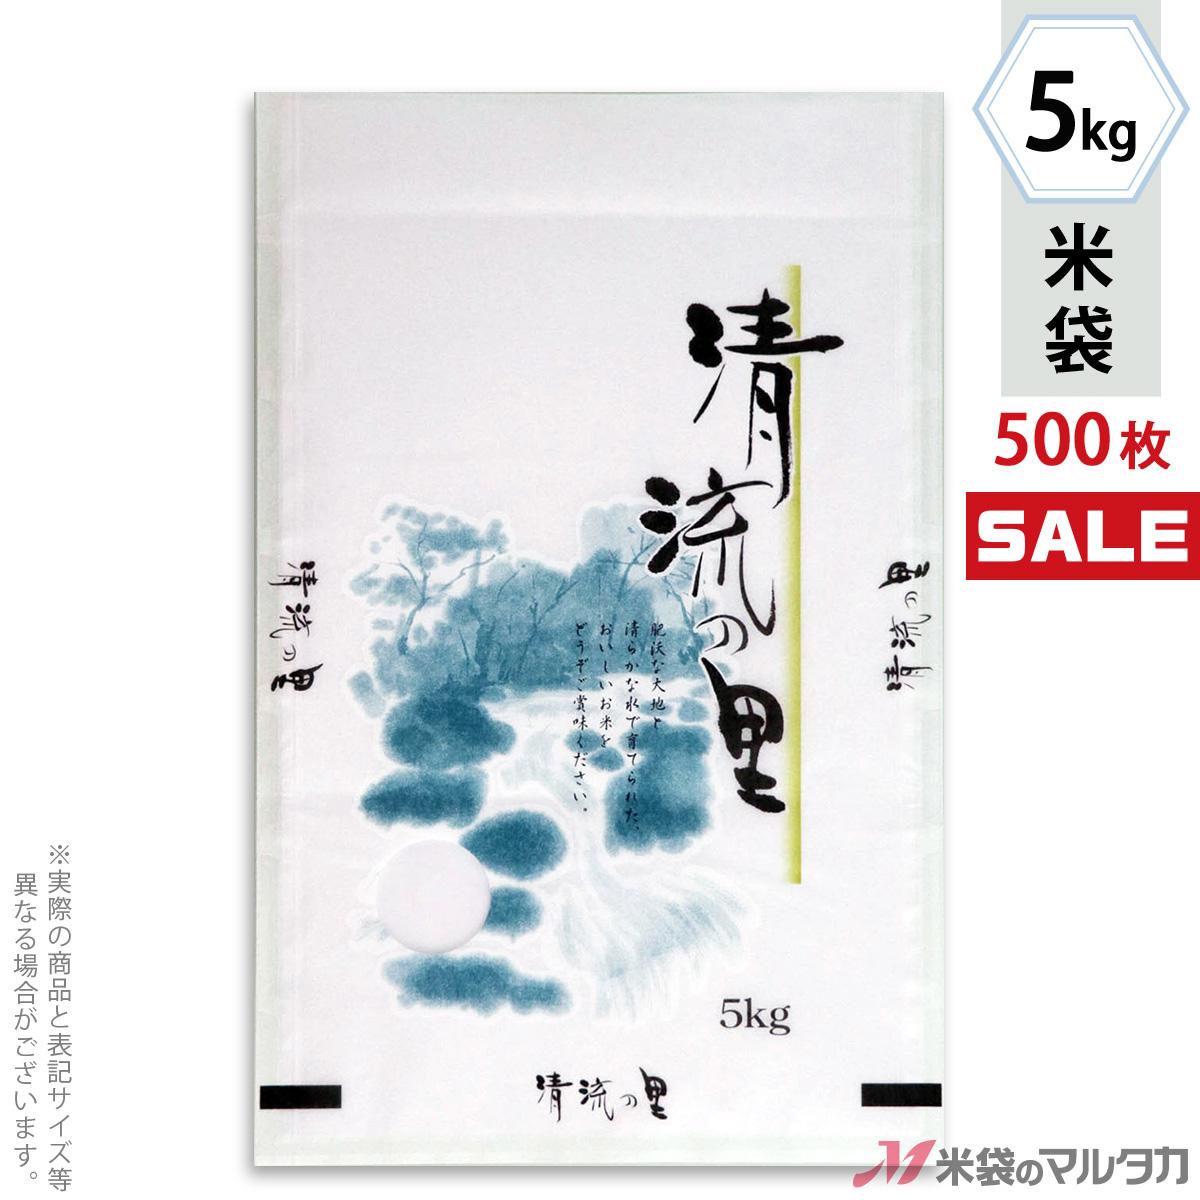 <キャンペーン対応>米袋 レーヨン和紙 フレブレス 清流の里 5kg 1ケース(500枚入) MY-3010